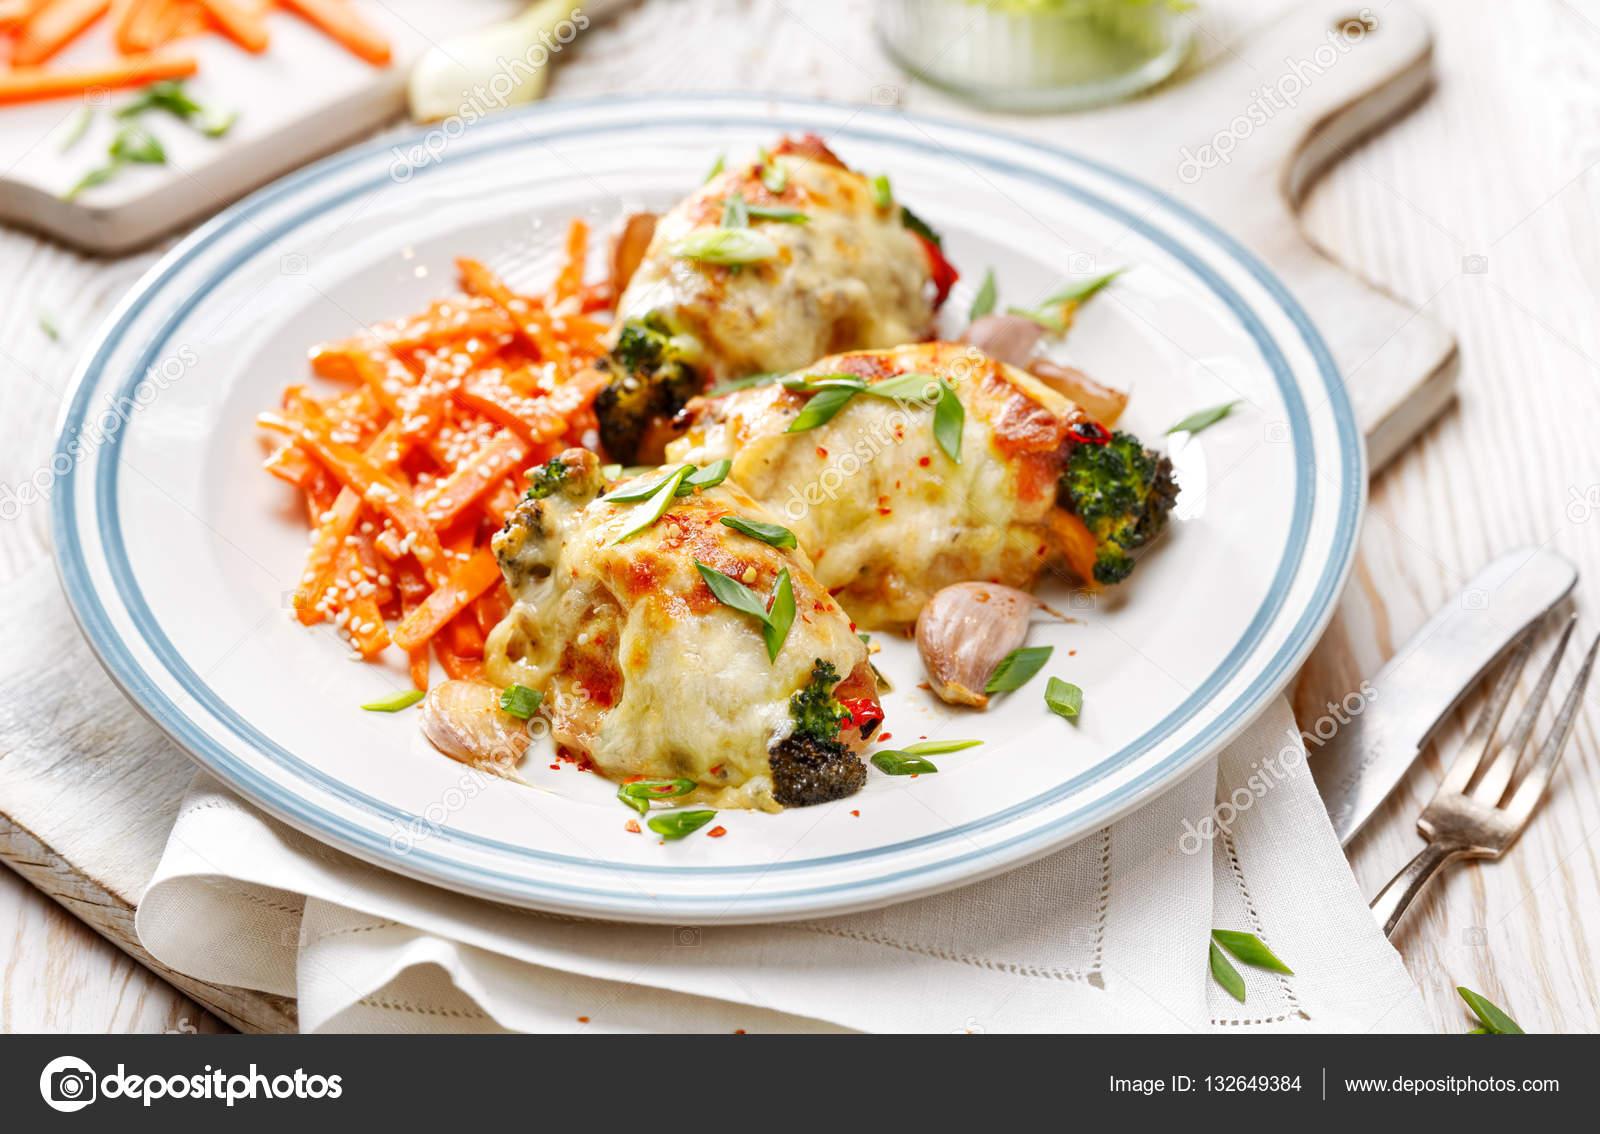 Kavrulmuş sebzeli tavuk tarifi